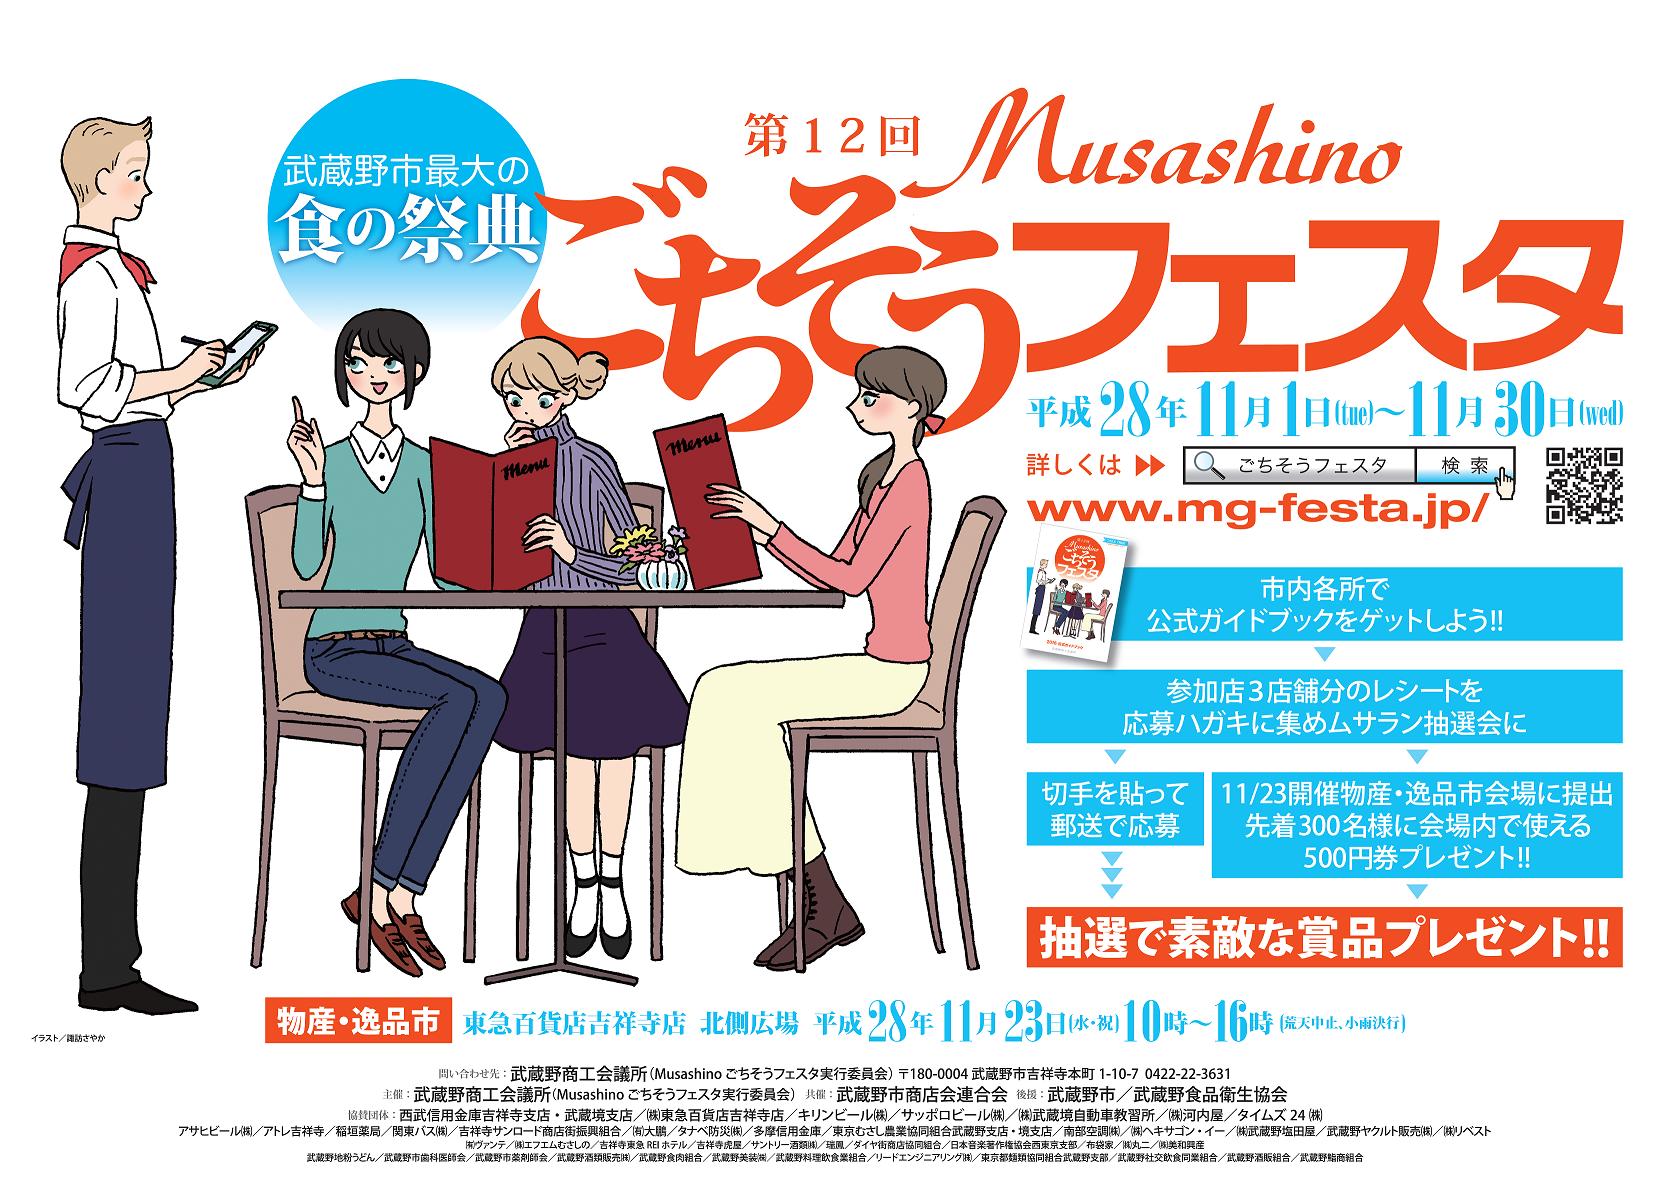 食の祭典『Musashinoごちそうフェスタ』、開催まもなく!!